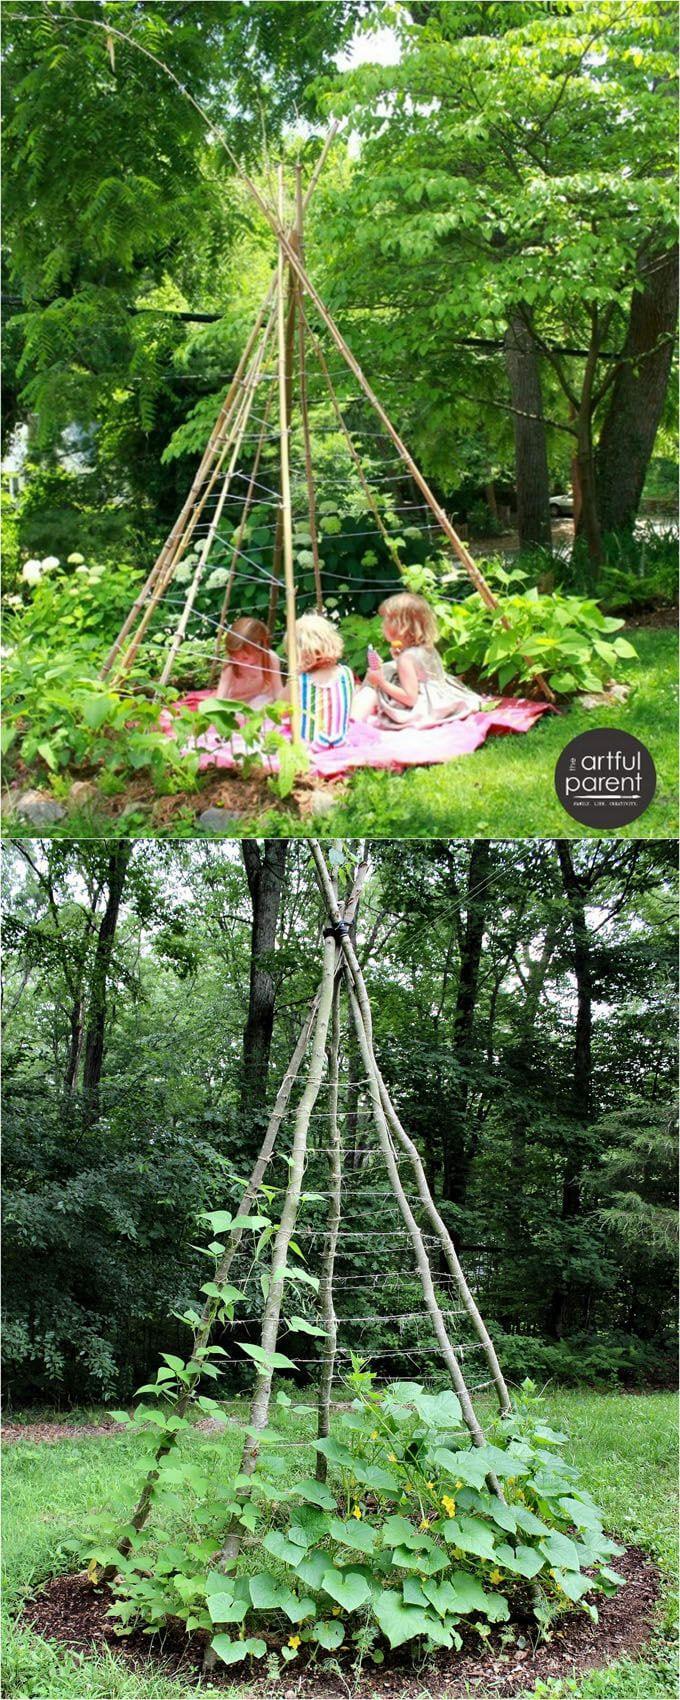 Simphome.com 19 easy diy garden trellis ideas vertical growing structures for 2020 2021